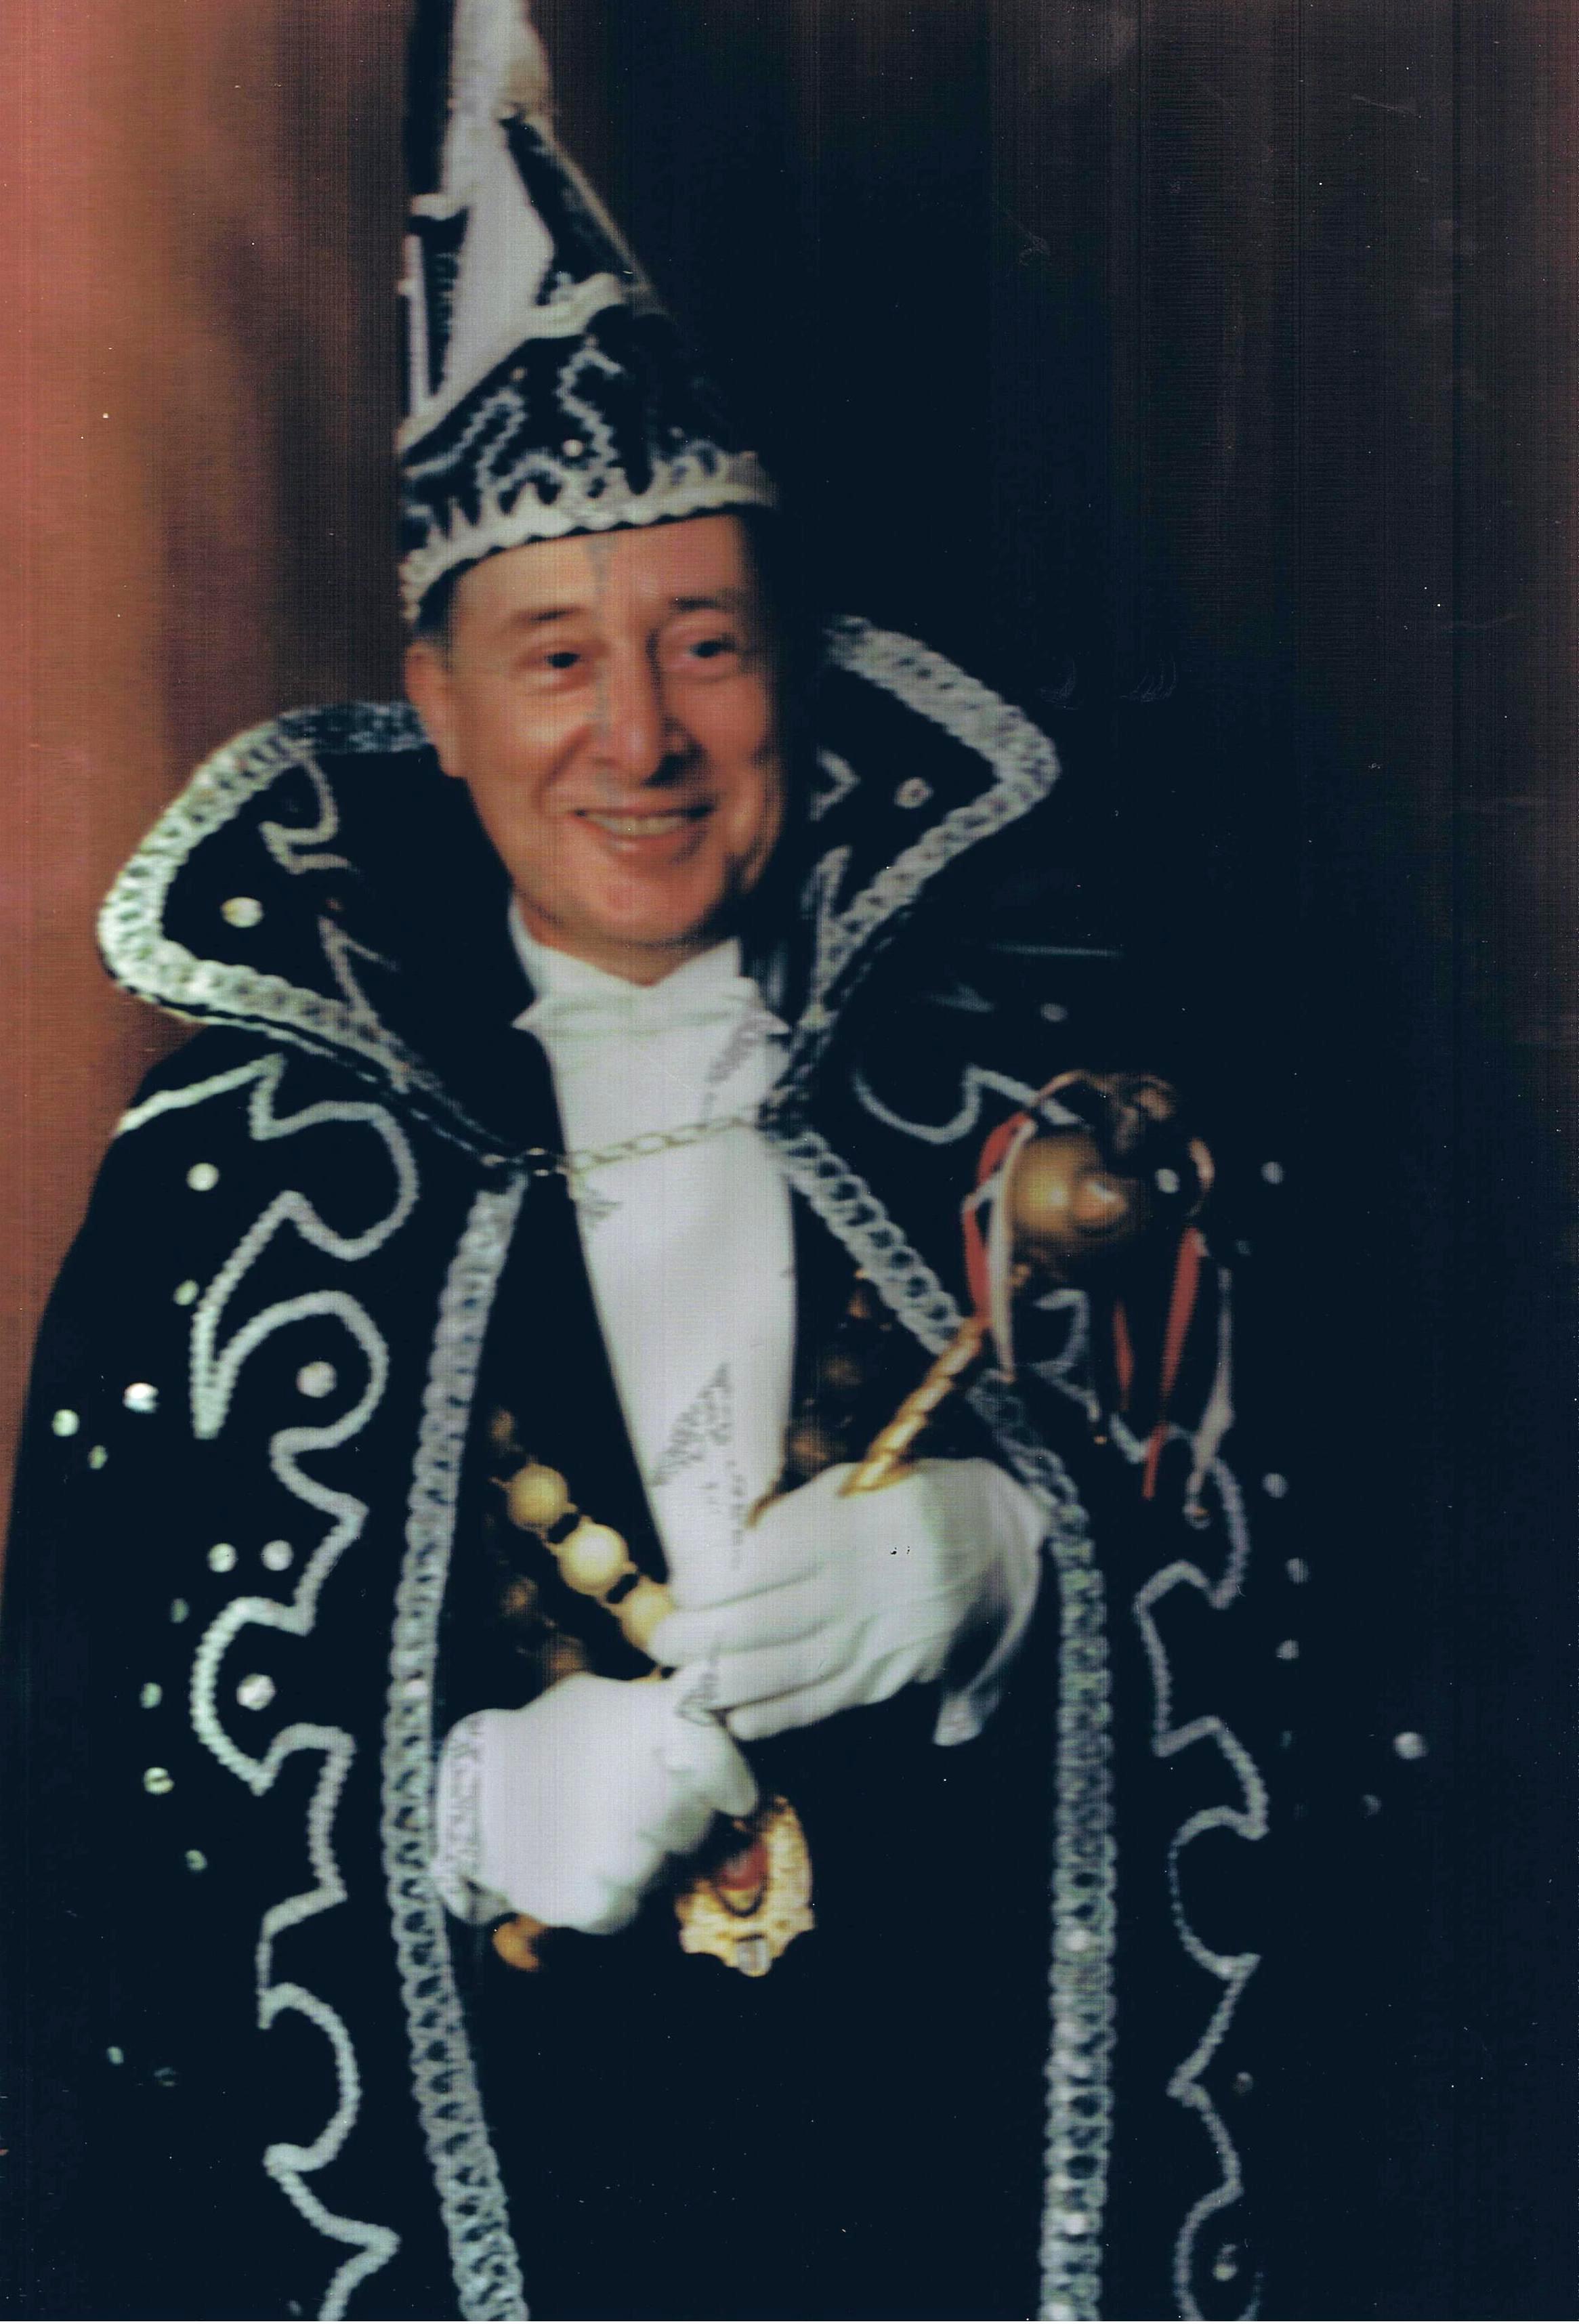 1997 1998 Prins Martin de 2e Martin Groenhorst